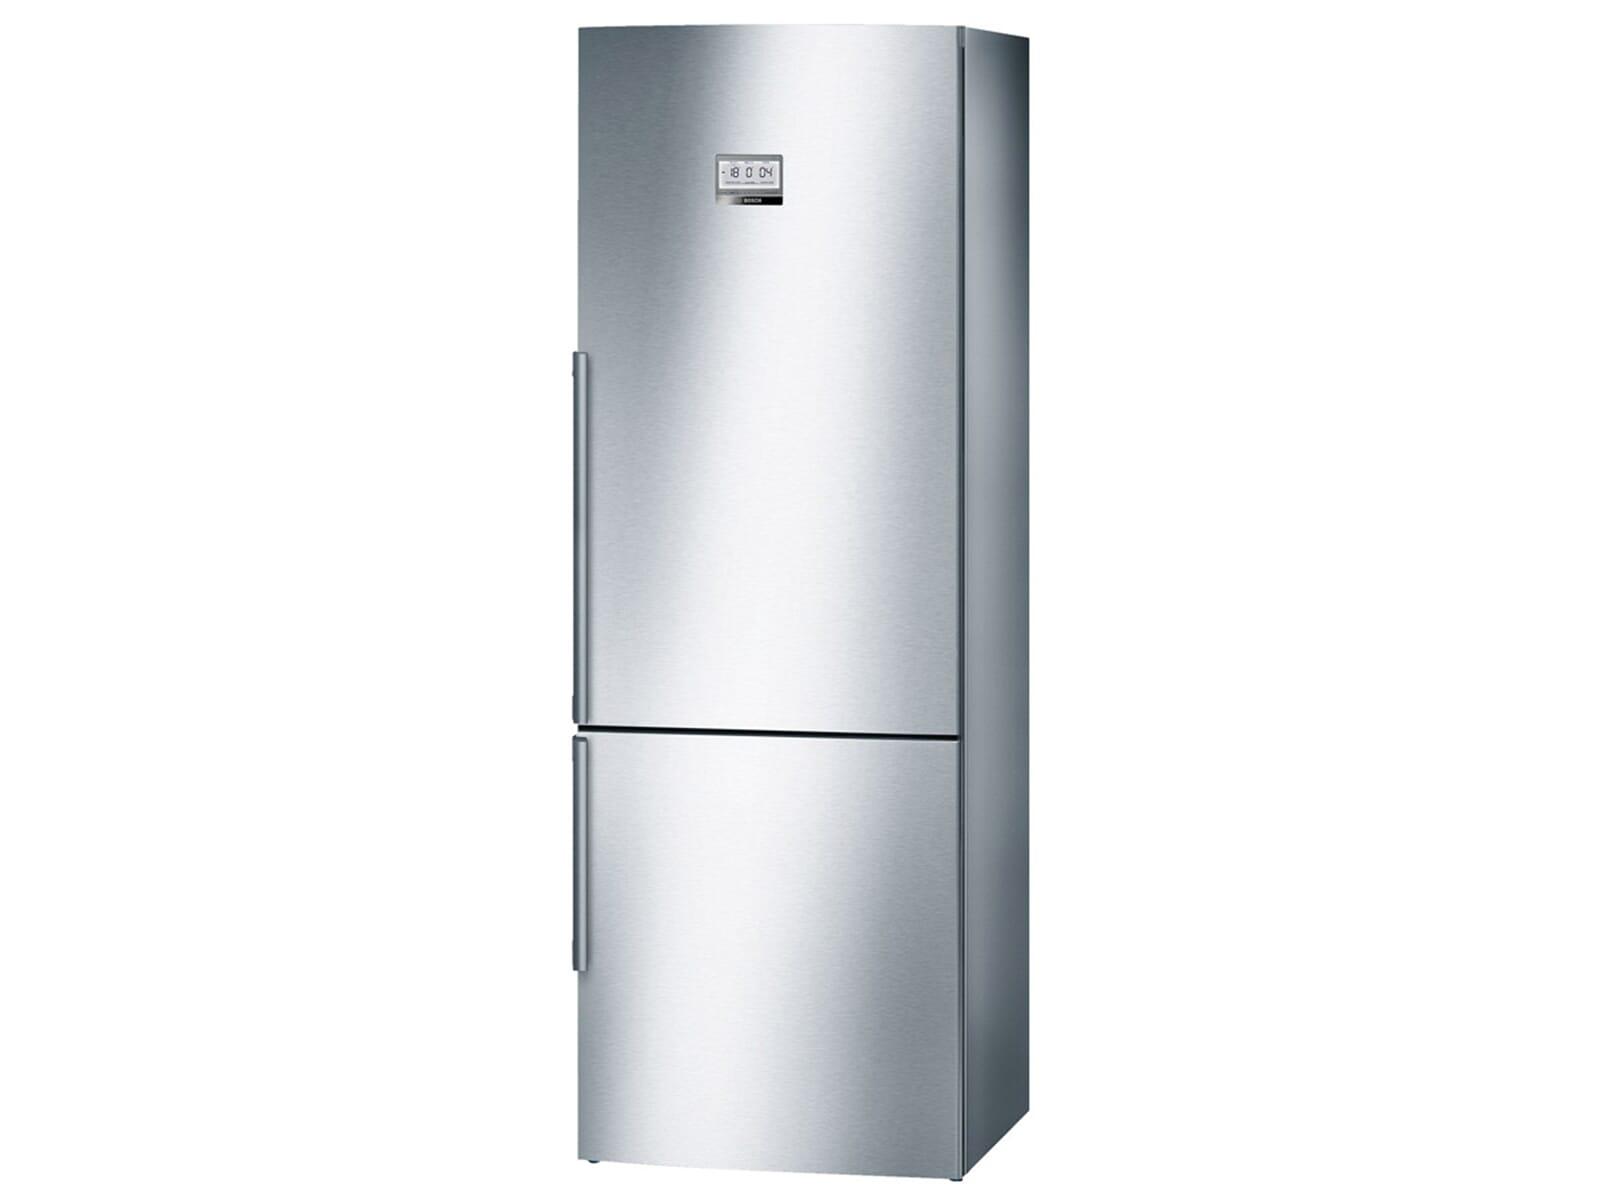 Bosch Kühlschrank Tür Wechseln : Bosch kgf49pi40 kühl gefrierkombination edelstahl